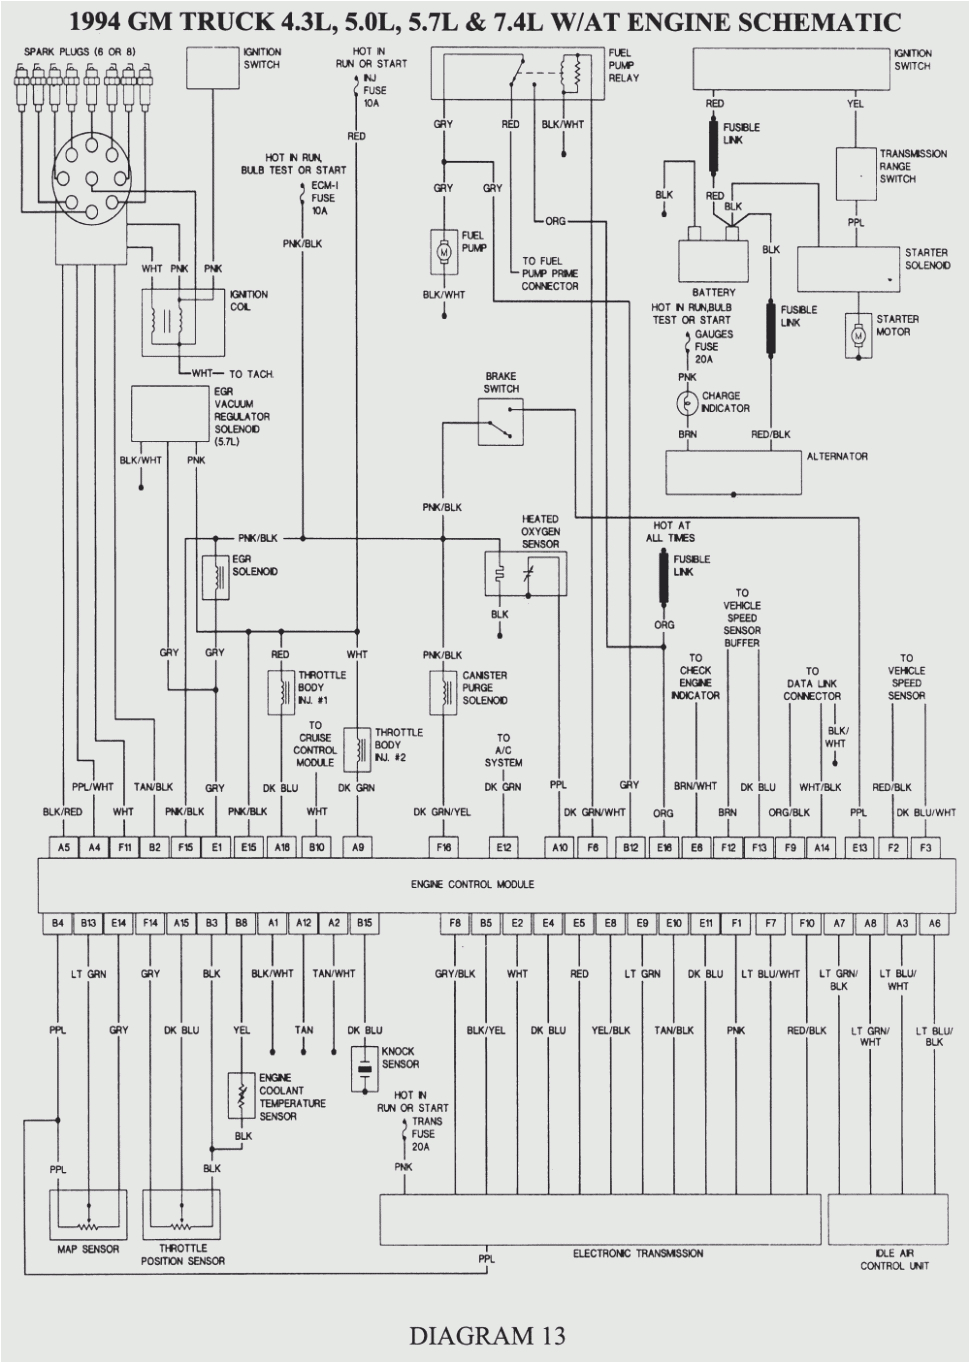 11 11 vortec engine wiring diagram lupa faint mooiravenstein nl 4 3 vortec wiring diagram 0 gif